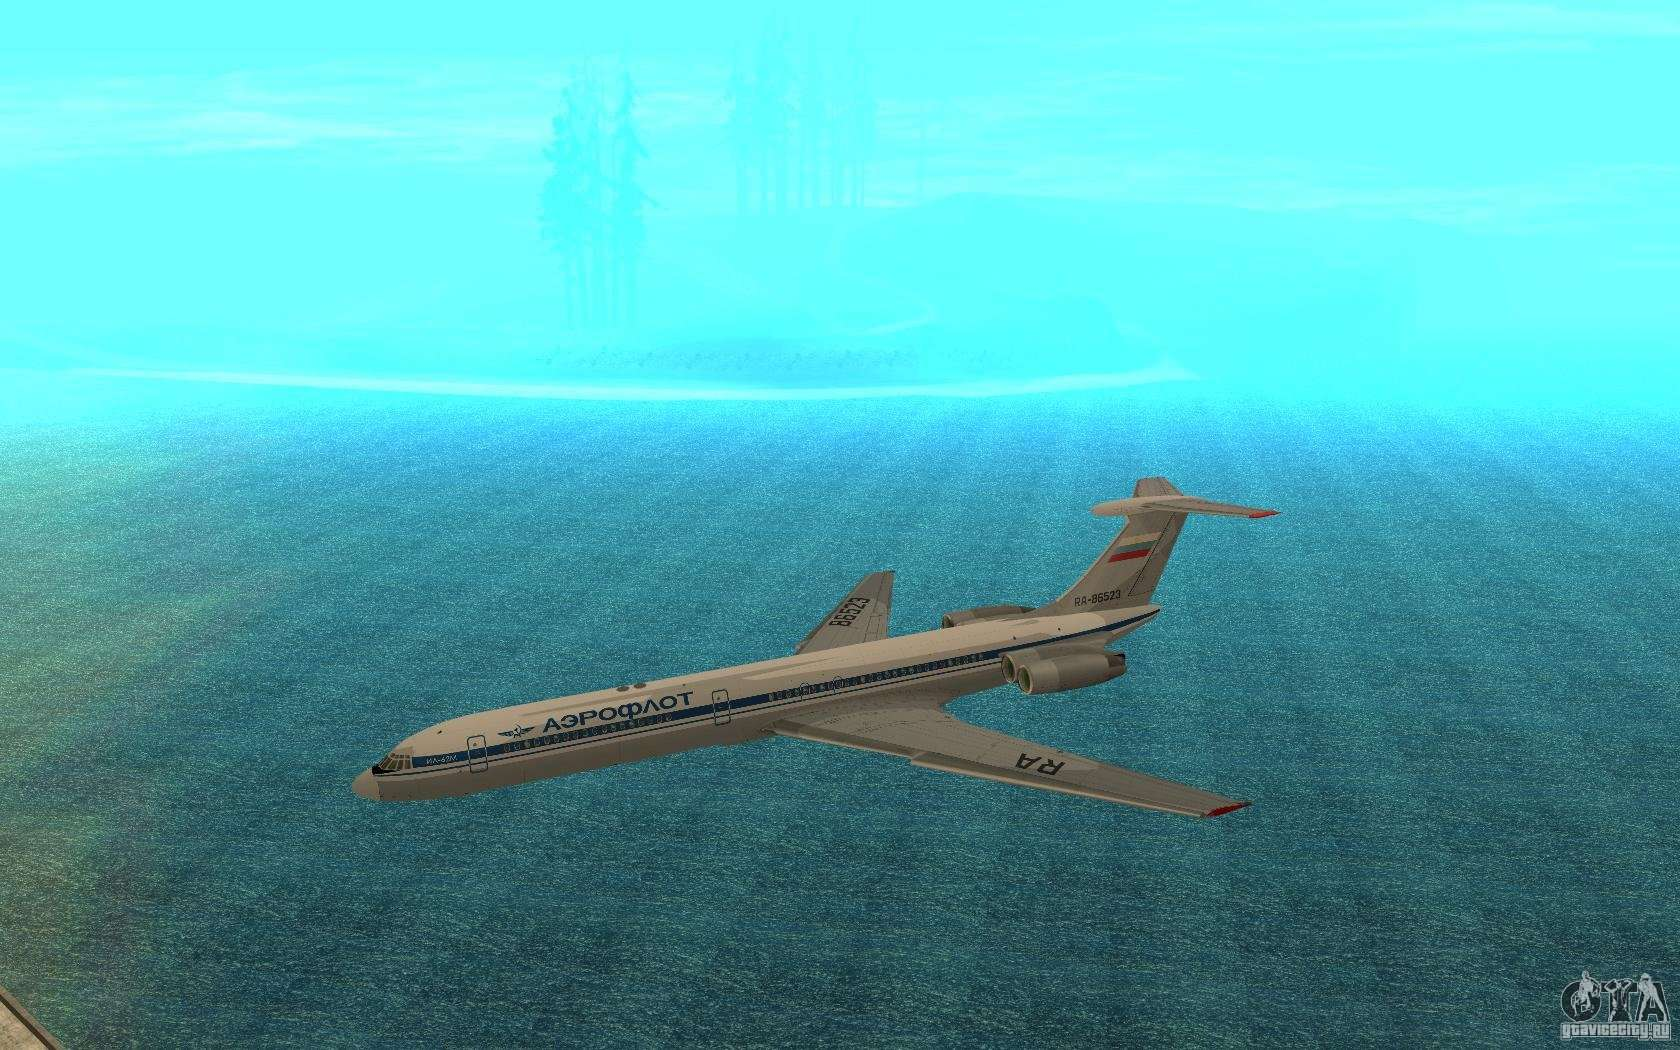 представляет собой картинки самолетов в гта са нашем портале пожелания